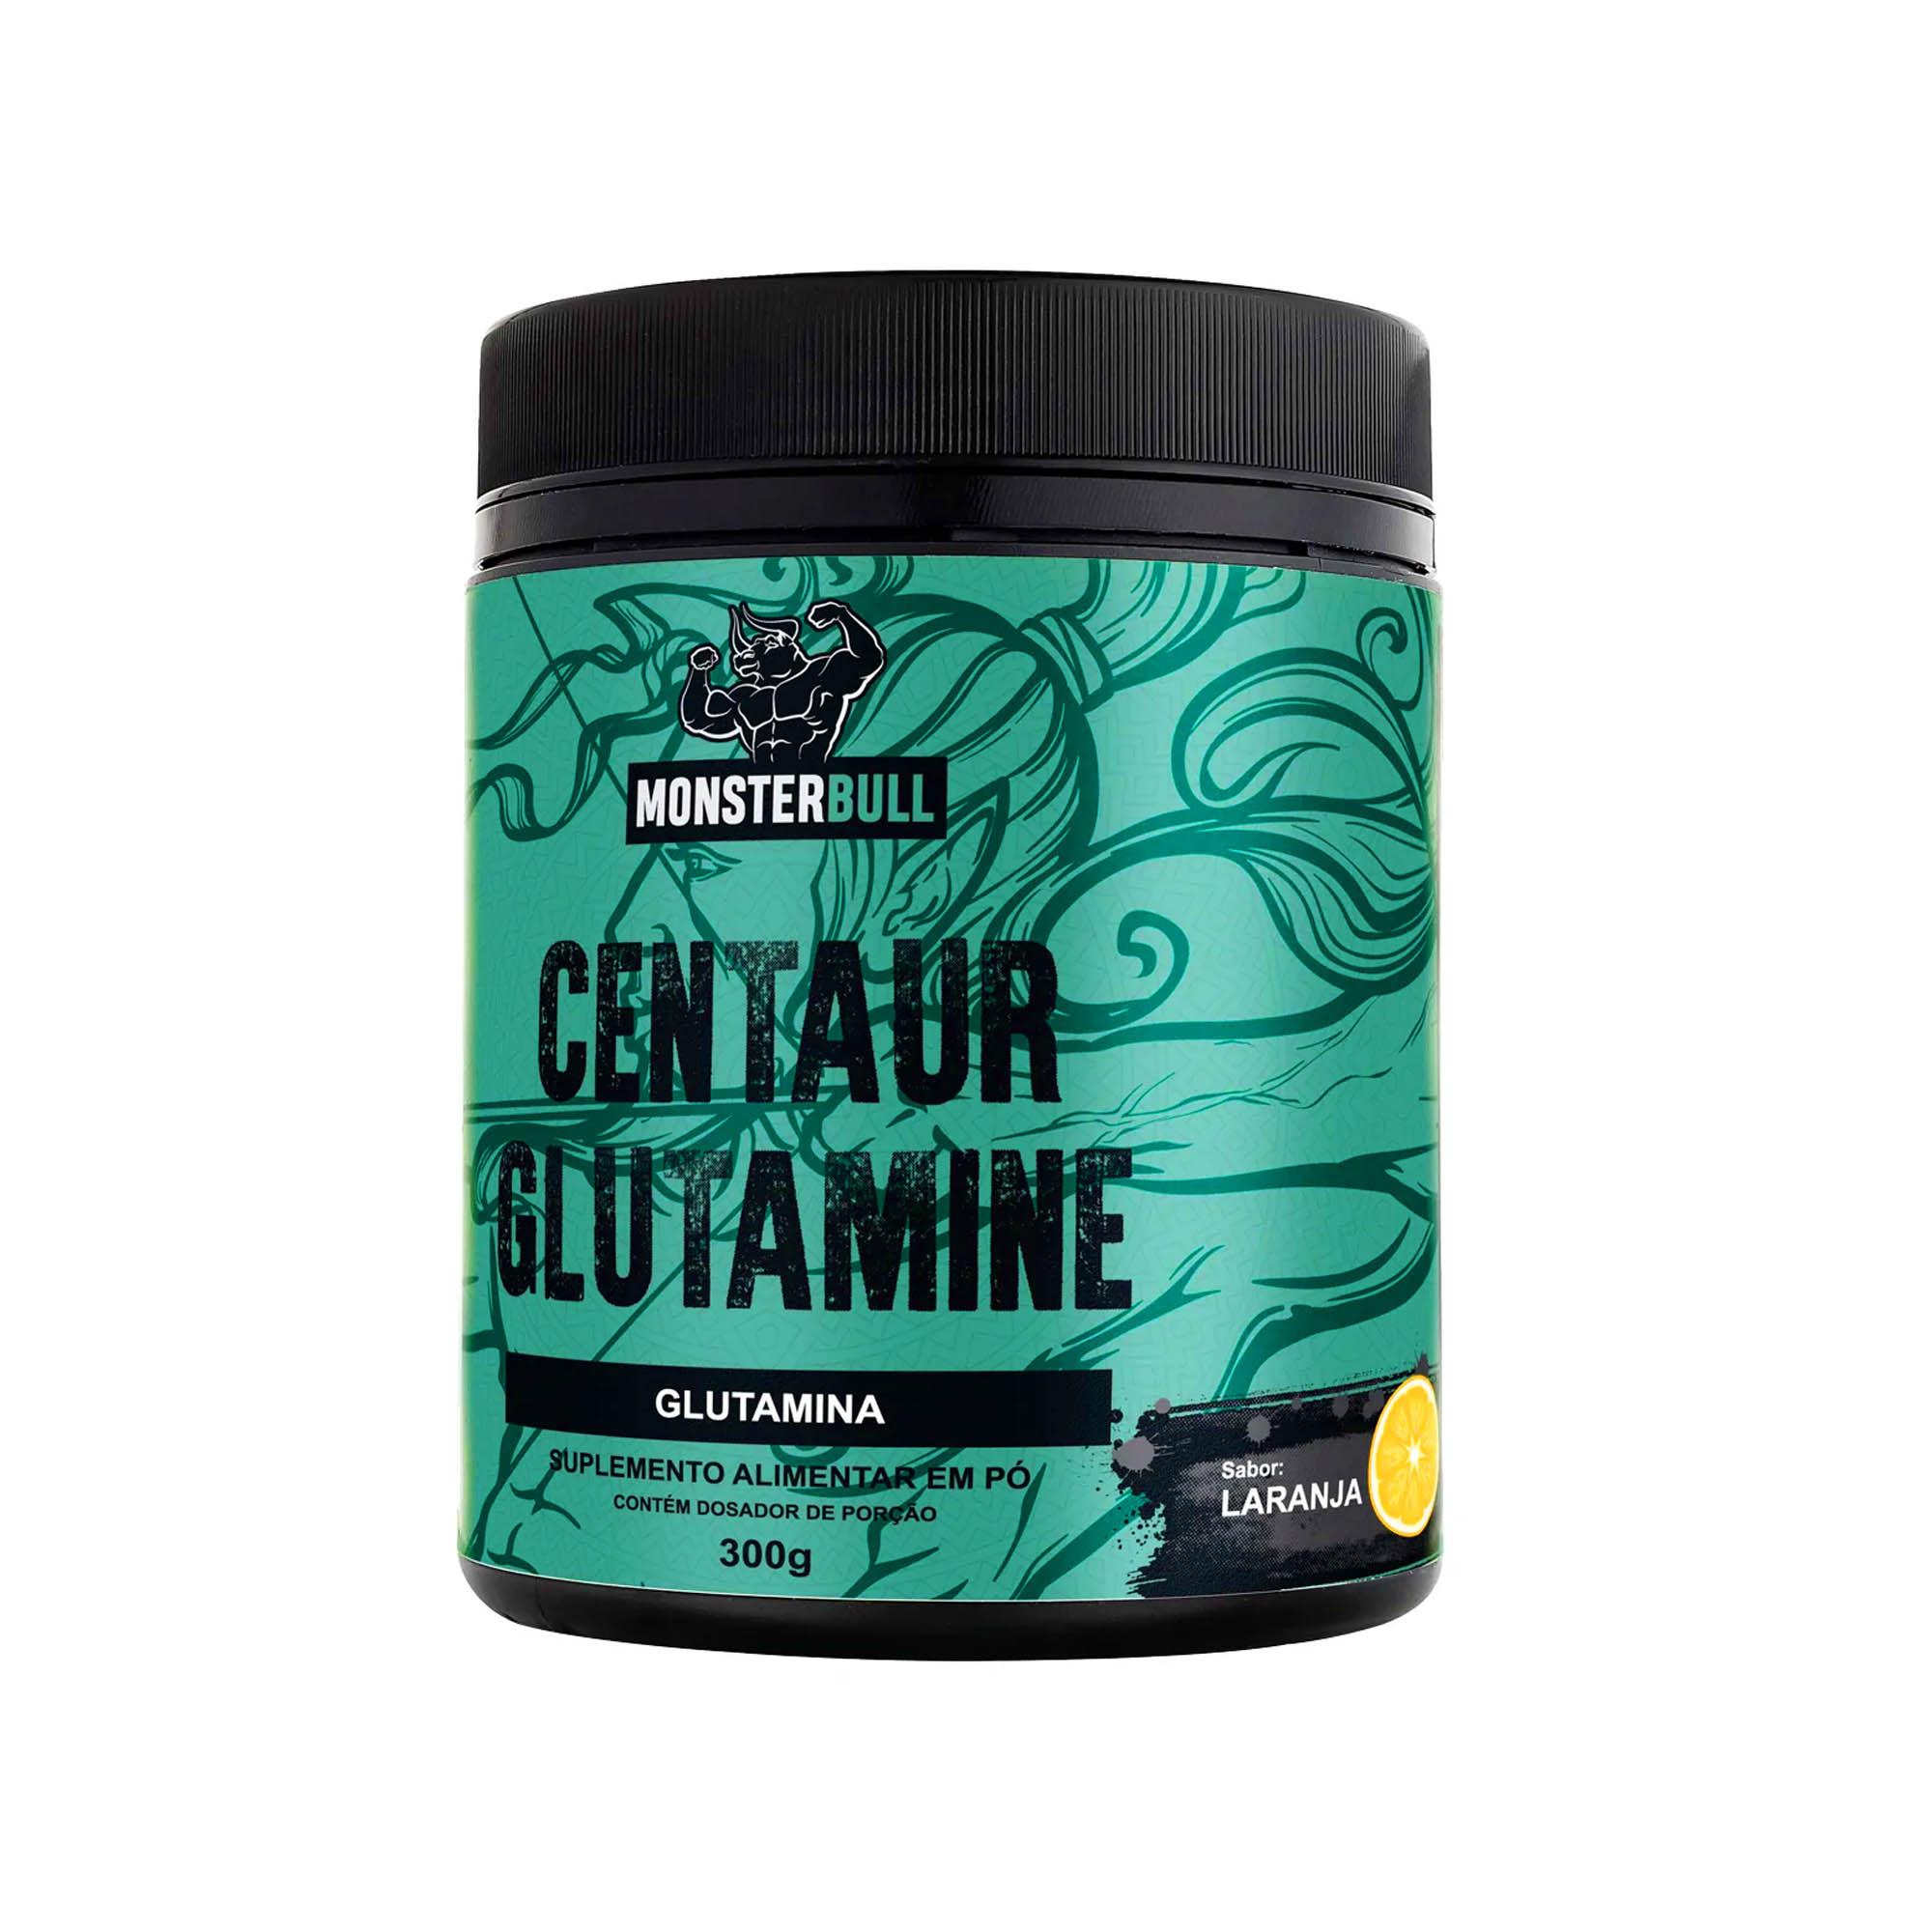 Glutamina - Centaur Glutamine